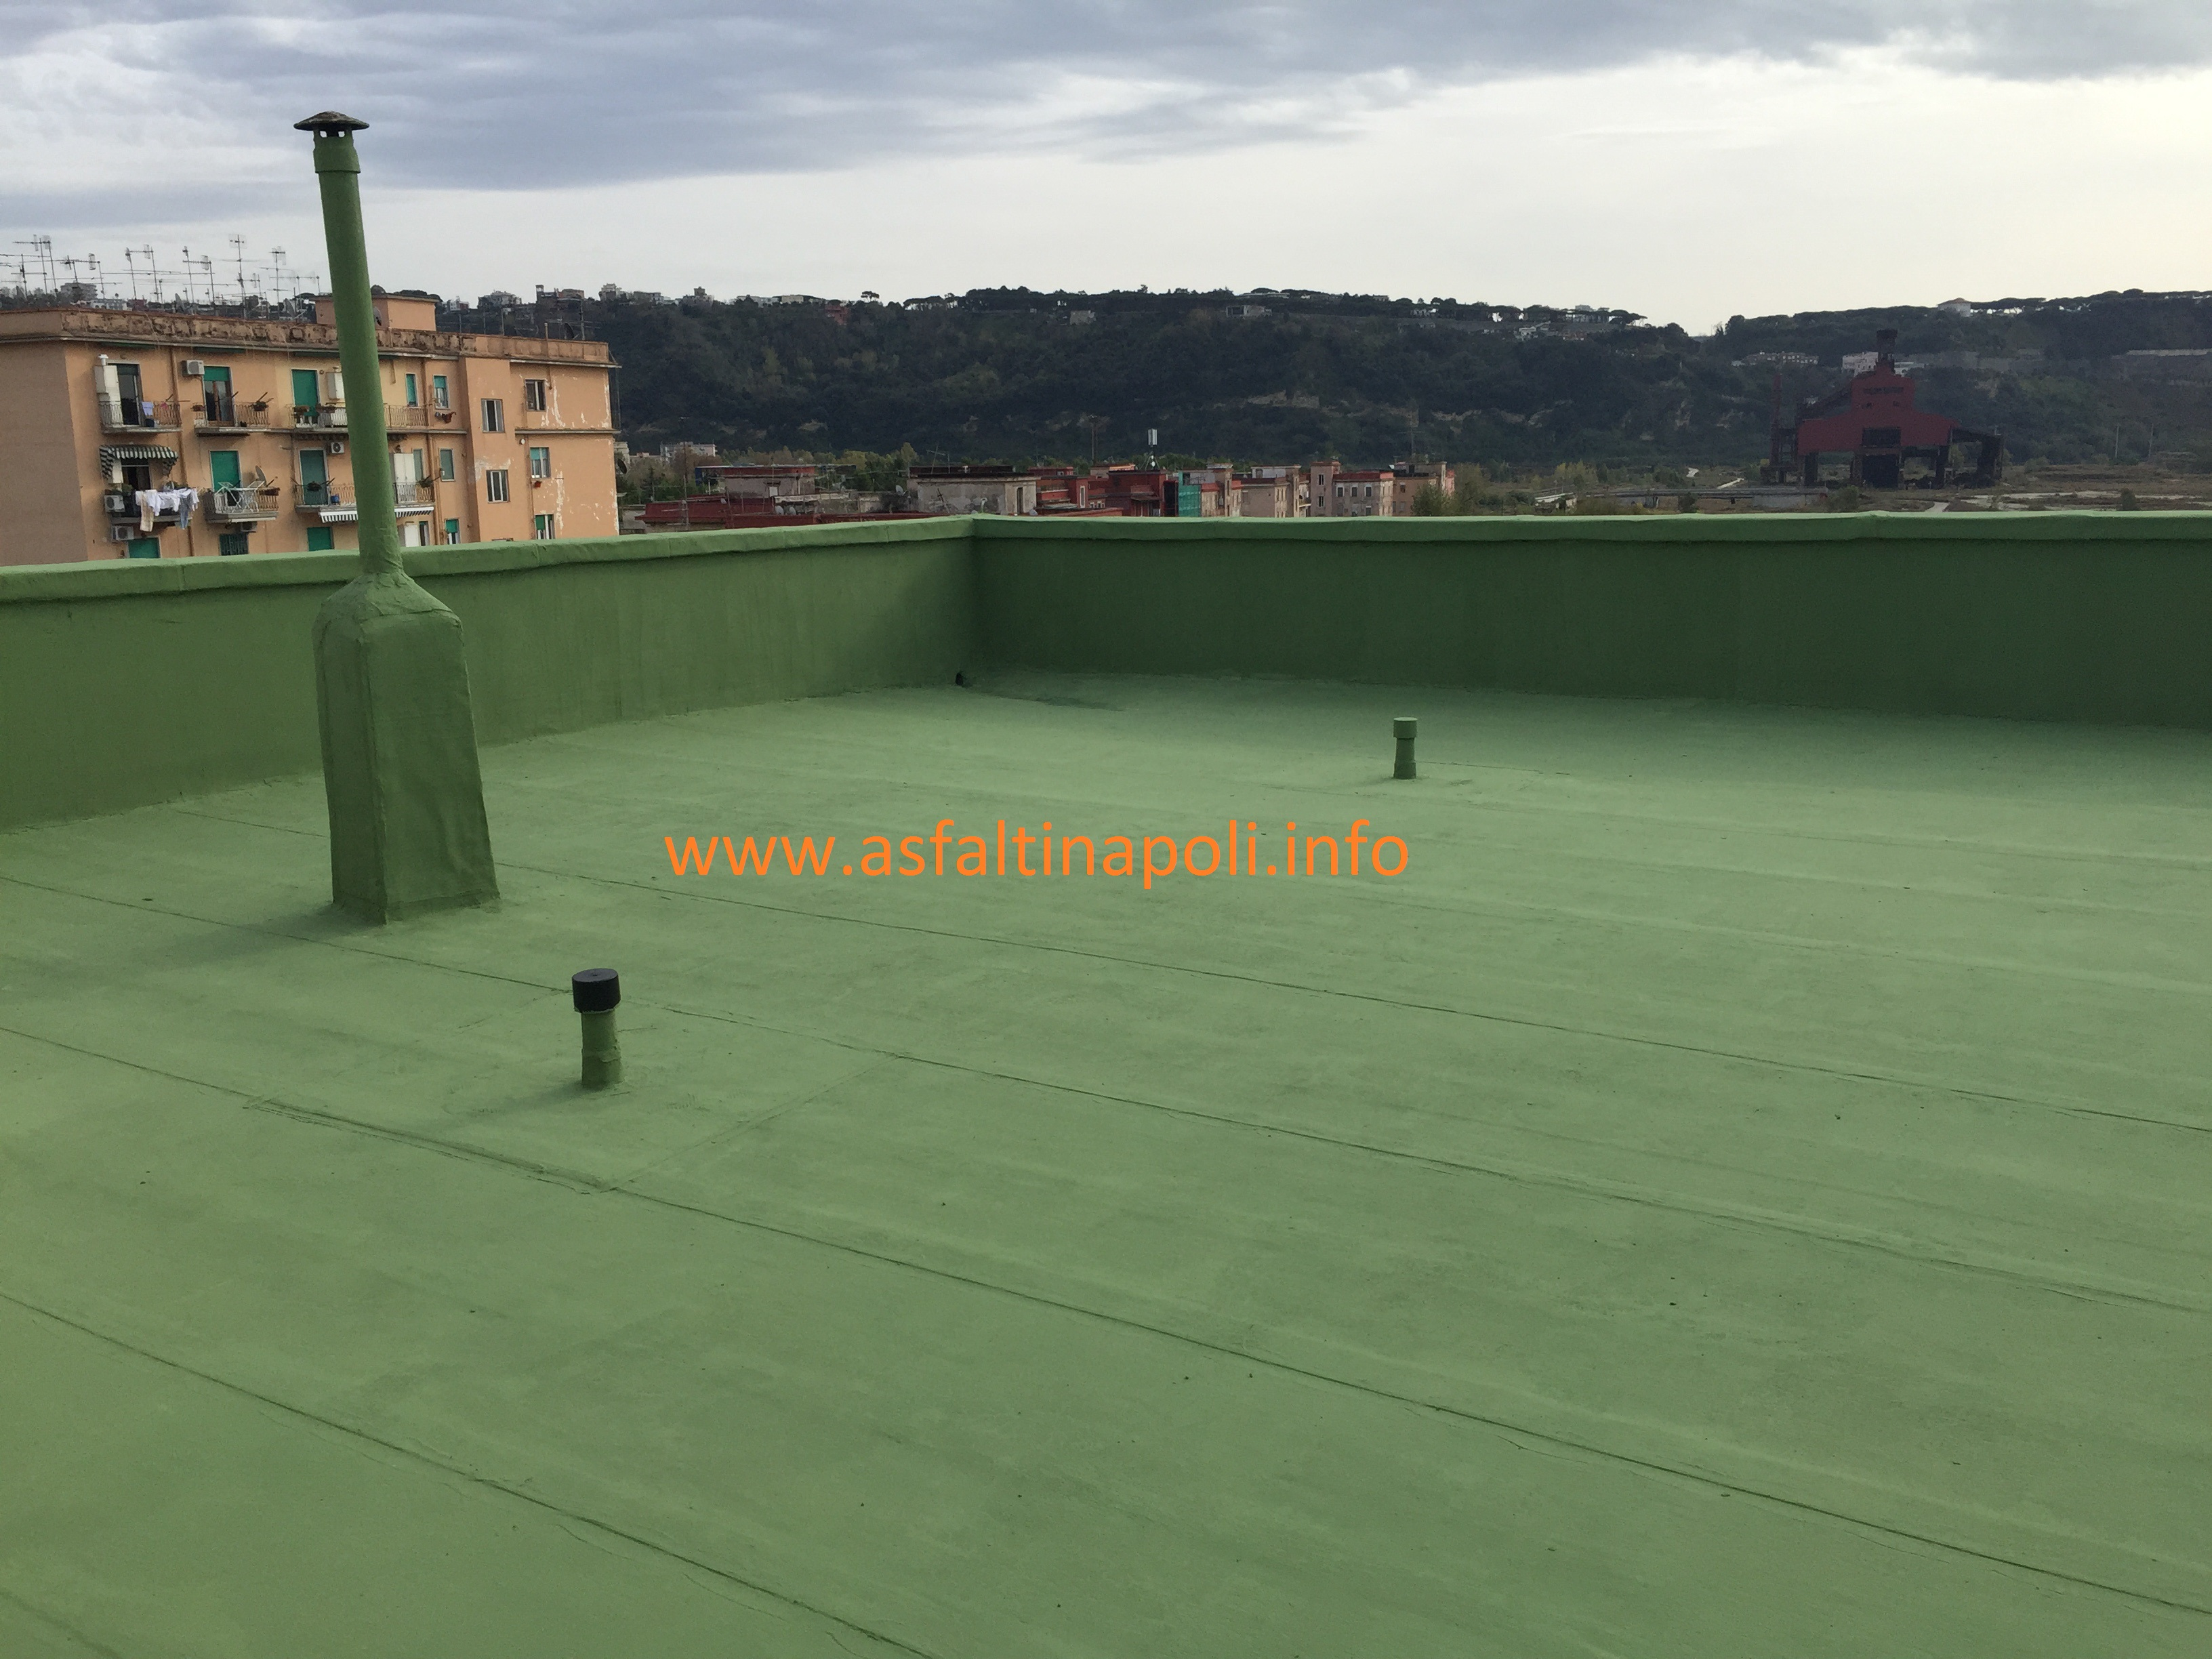 Impermeabilizzare terrazzo piastrellato 28 images stunning impermeabilizzare terrazzo - Impermeabilizzare il terrazzo ...